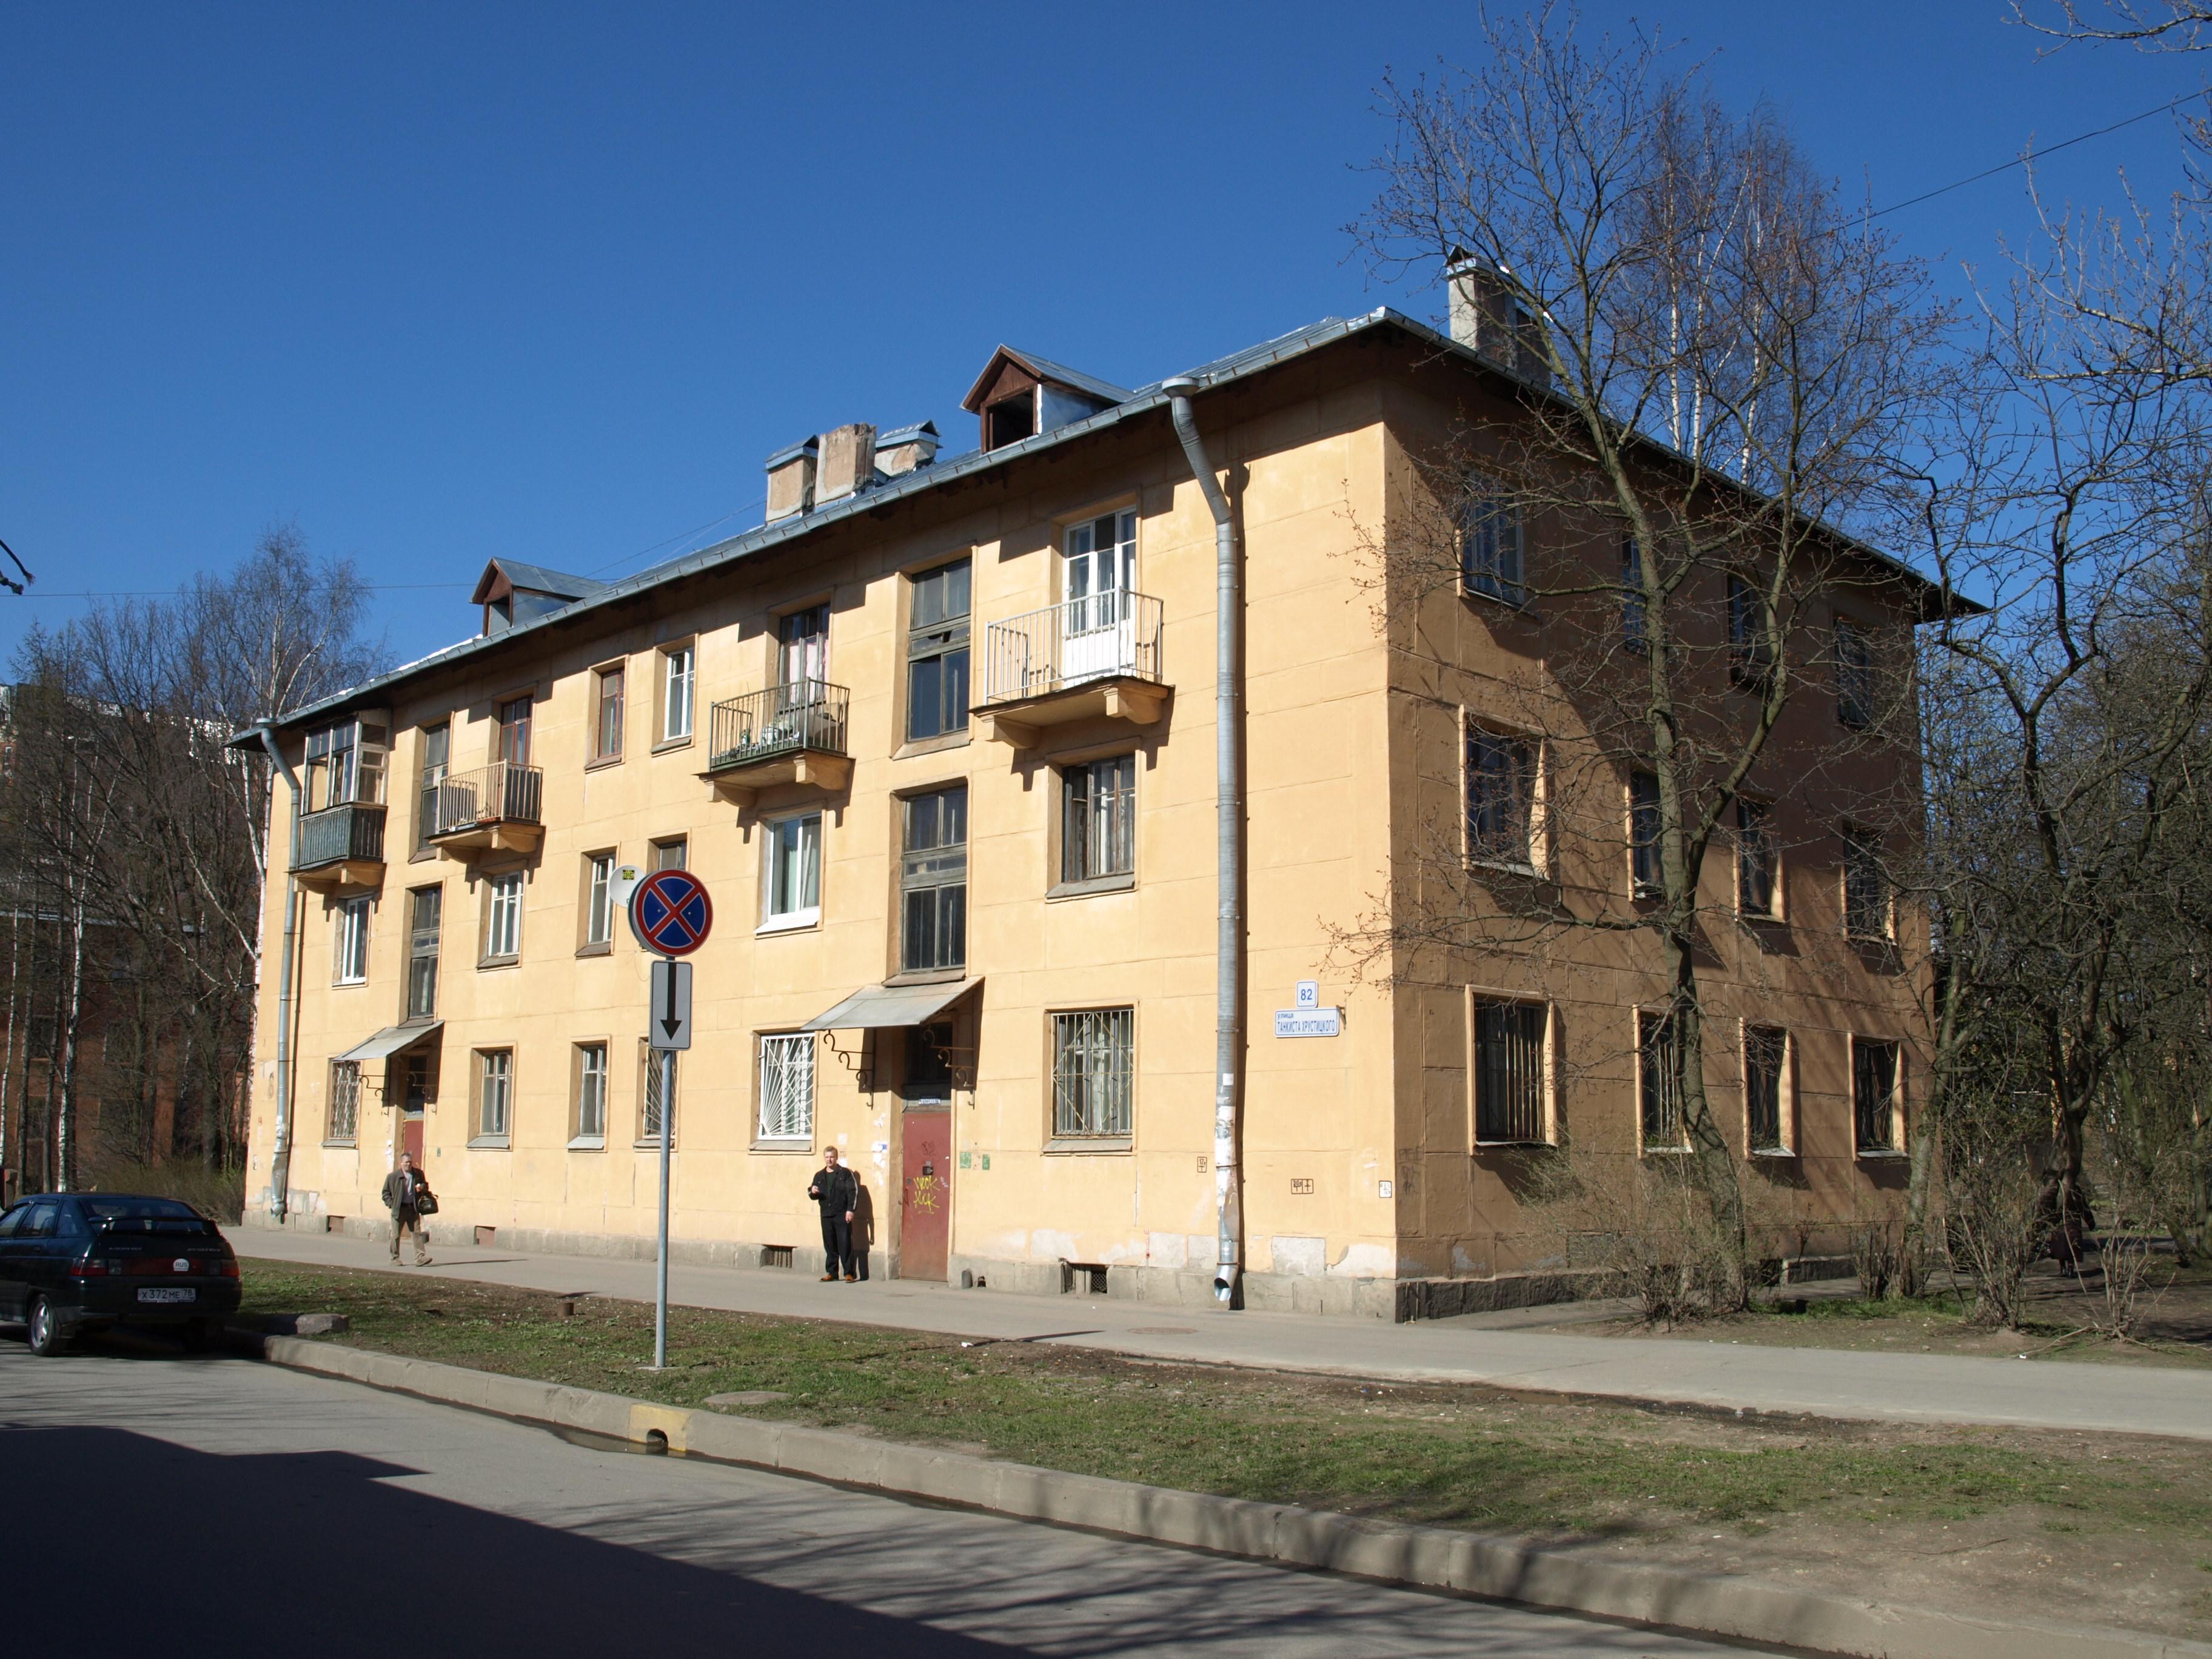 Наследник очереди Червонный переулок раздел имущества Ново-Садовый переулок